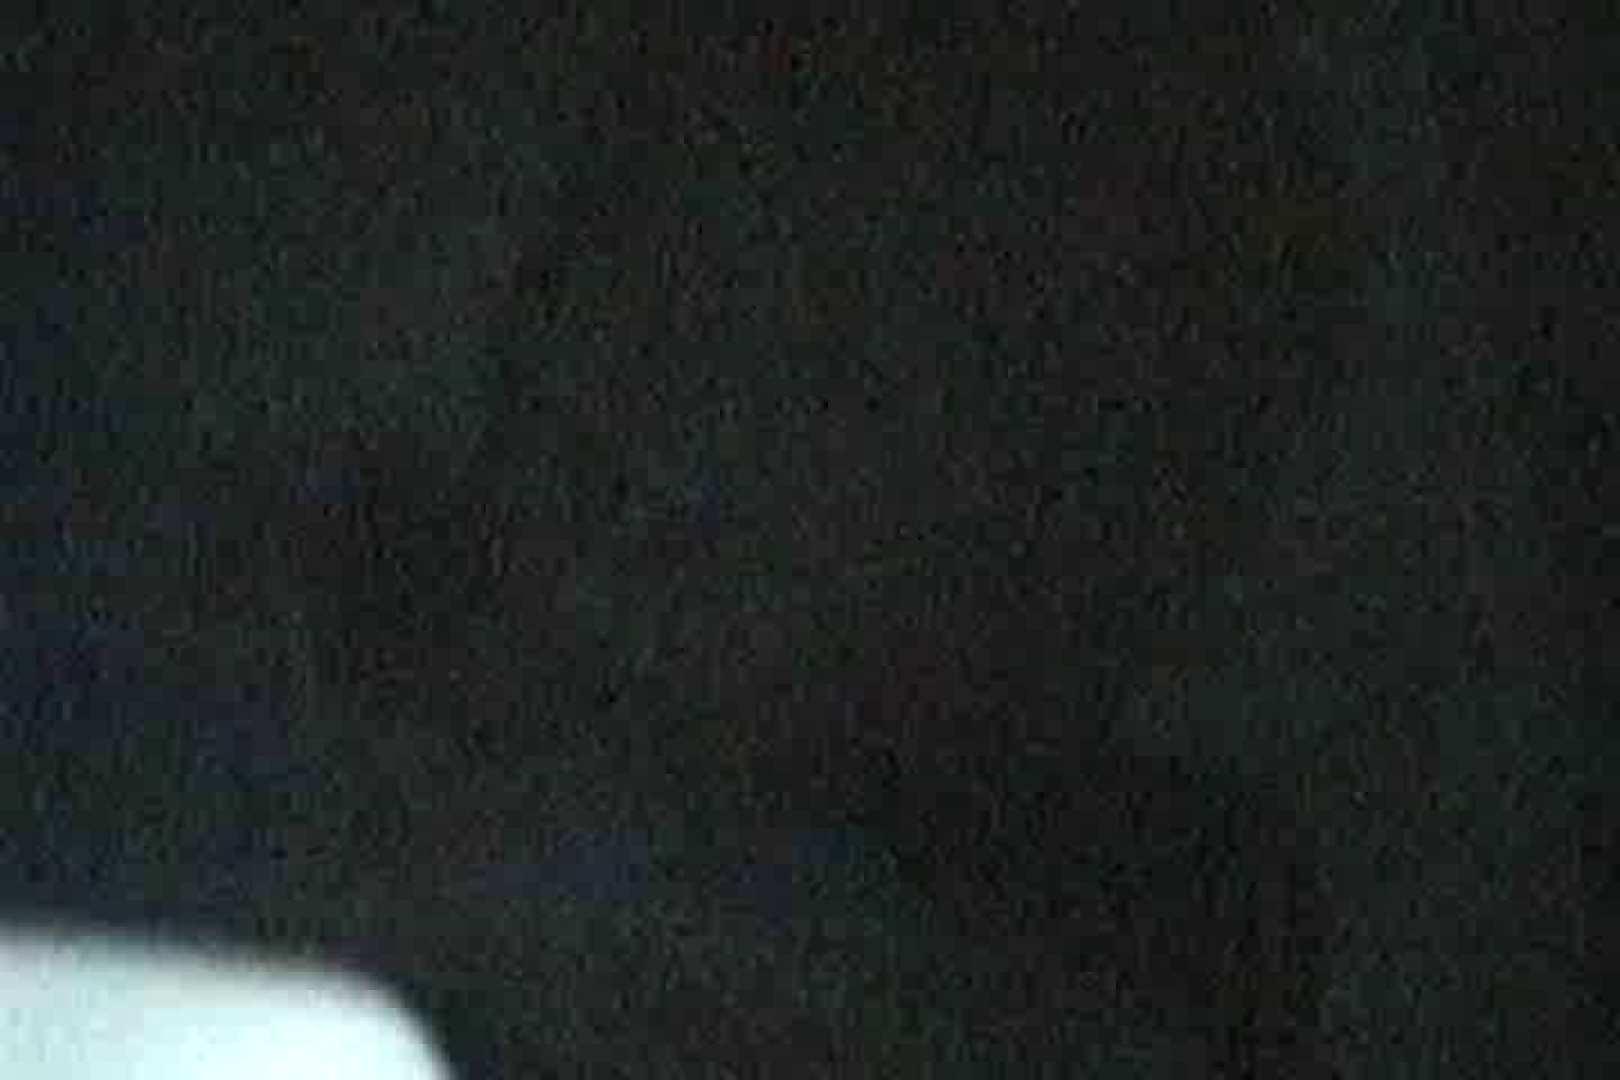 充血監督の深夜の運動会Vol.8 美しいOLの裸体  75pic 54